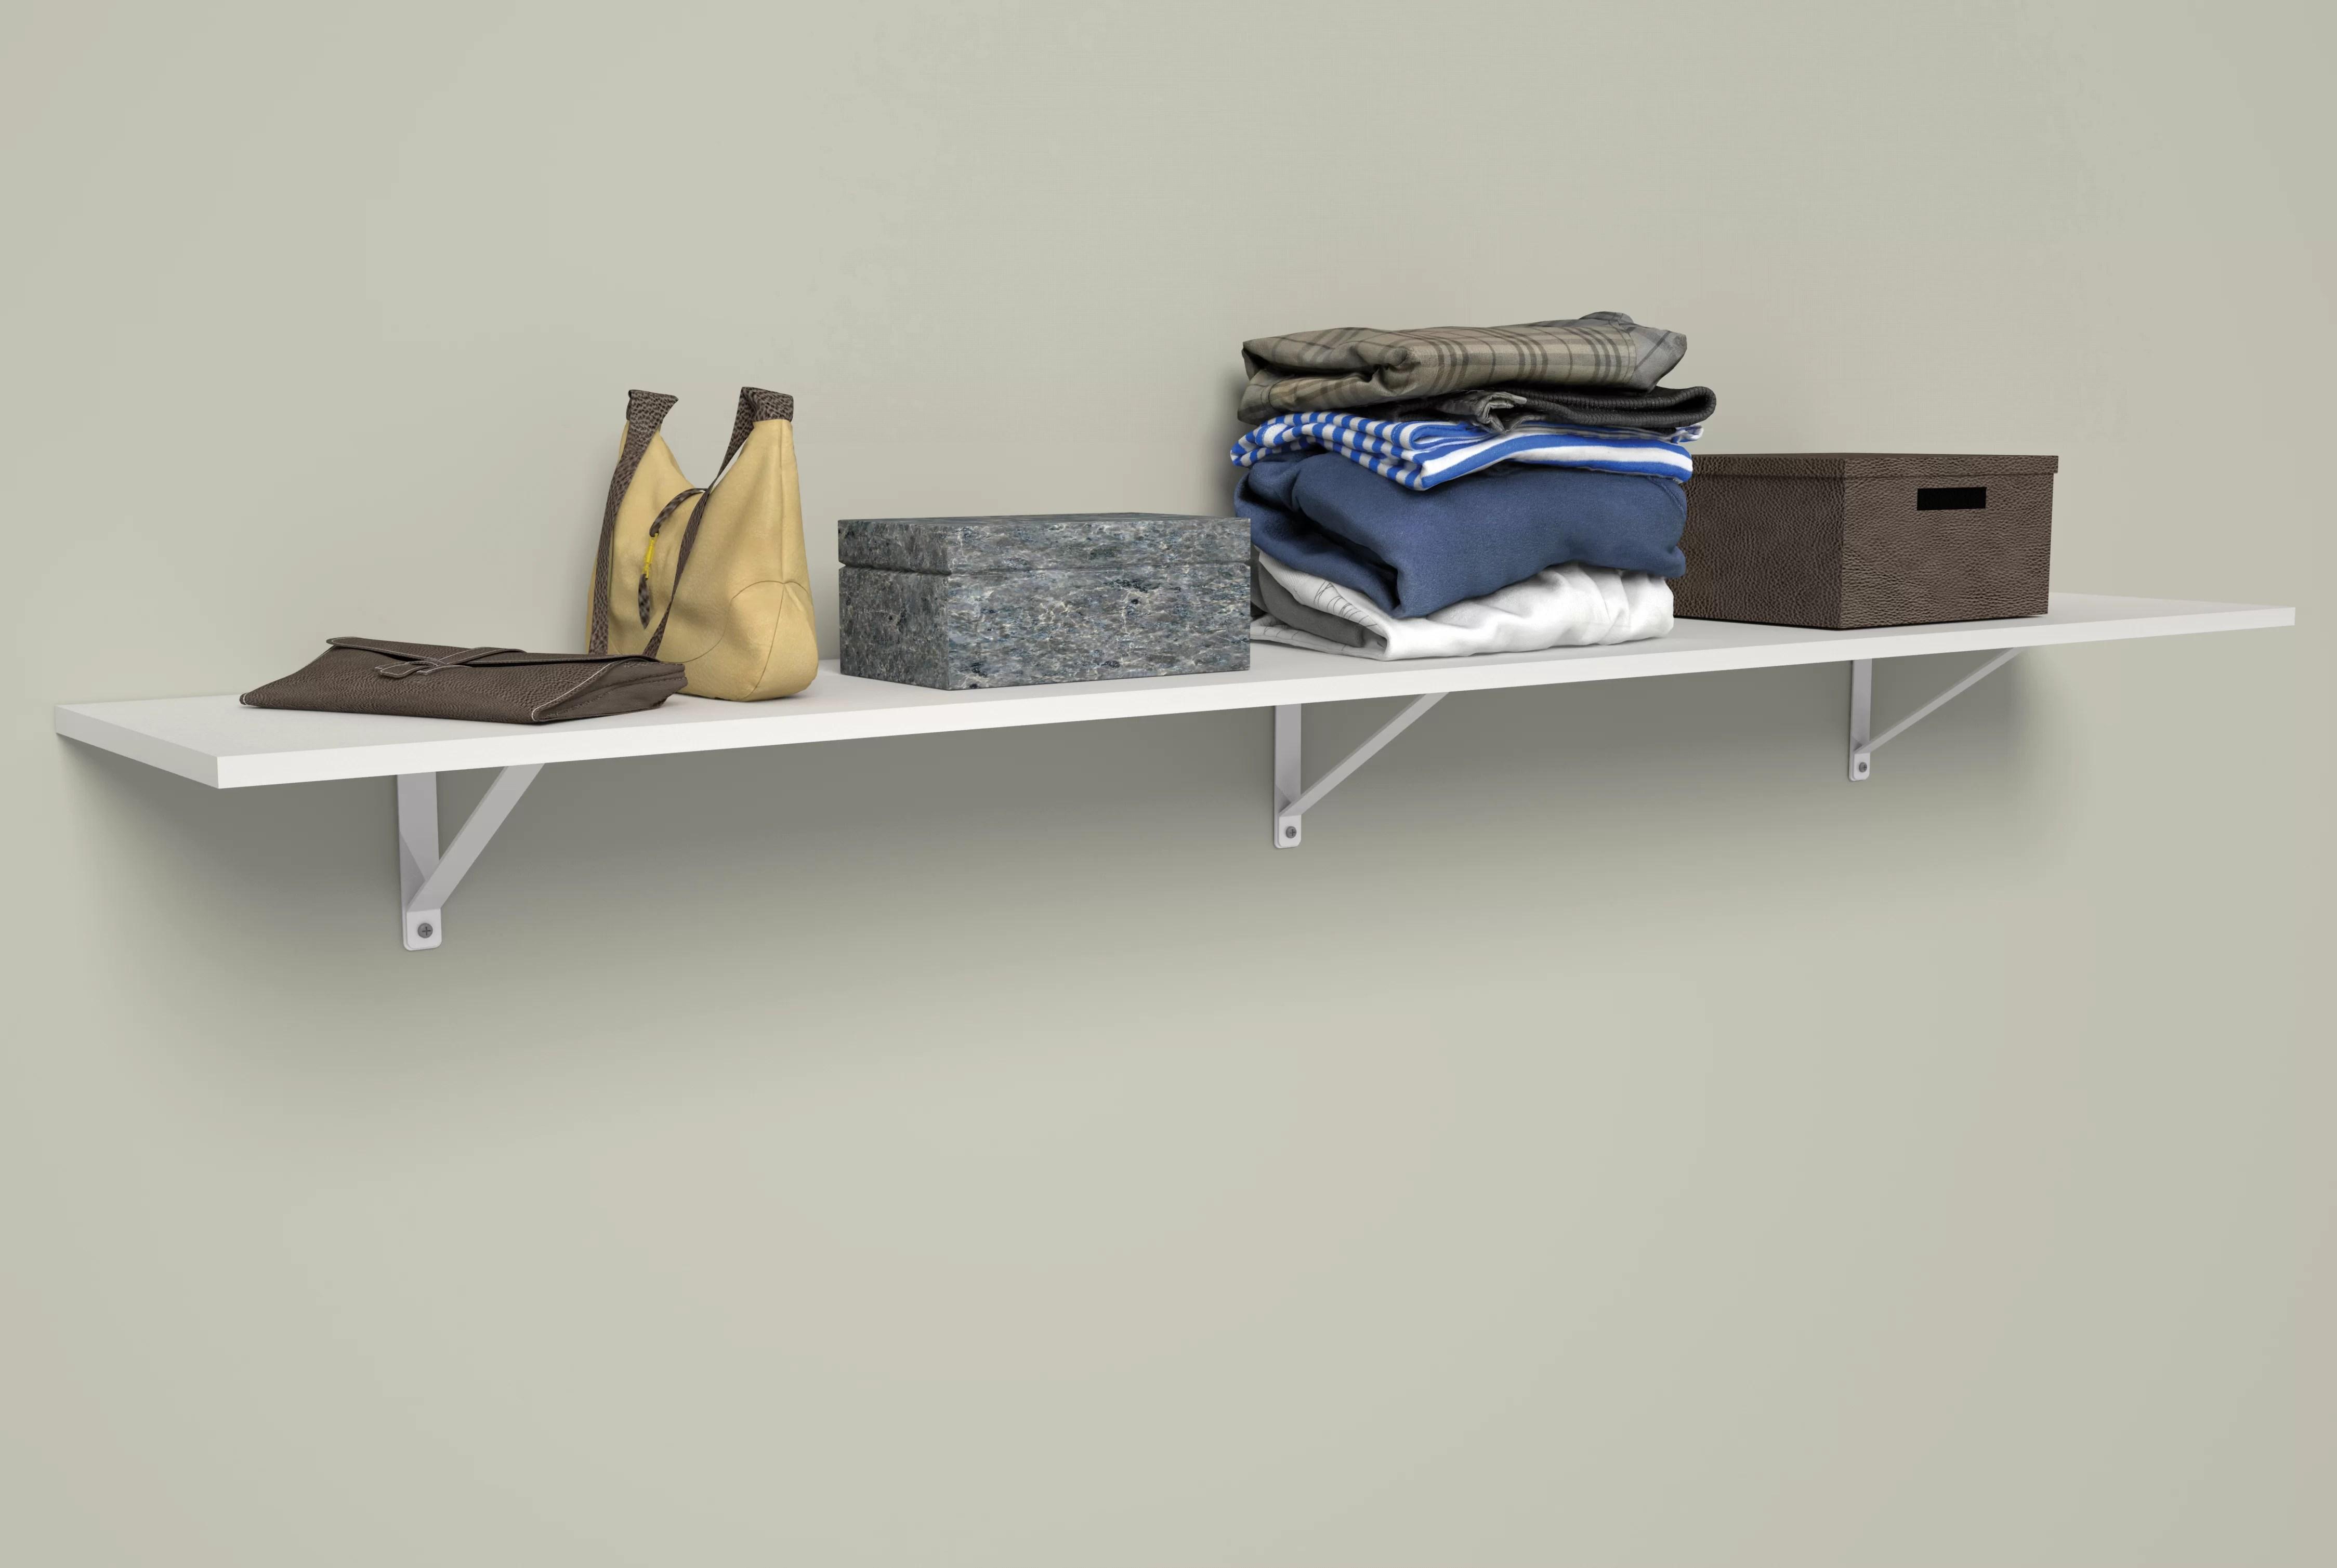 bracket shelf